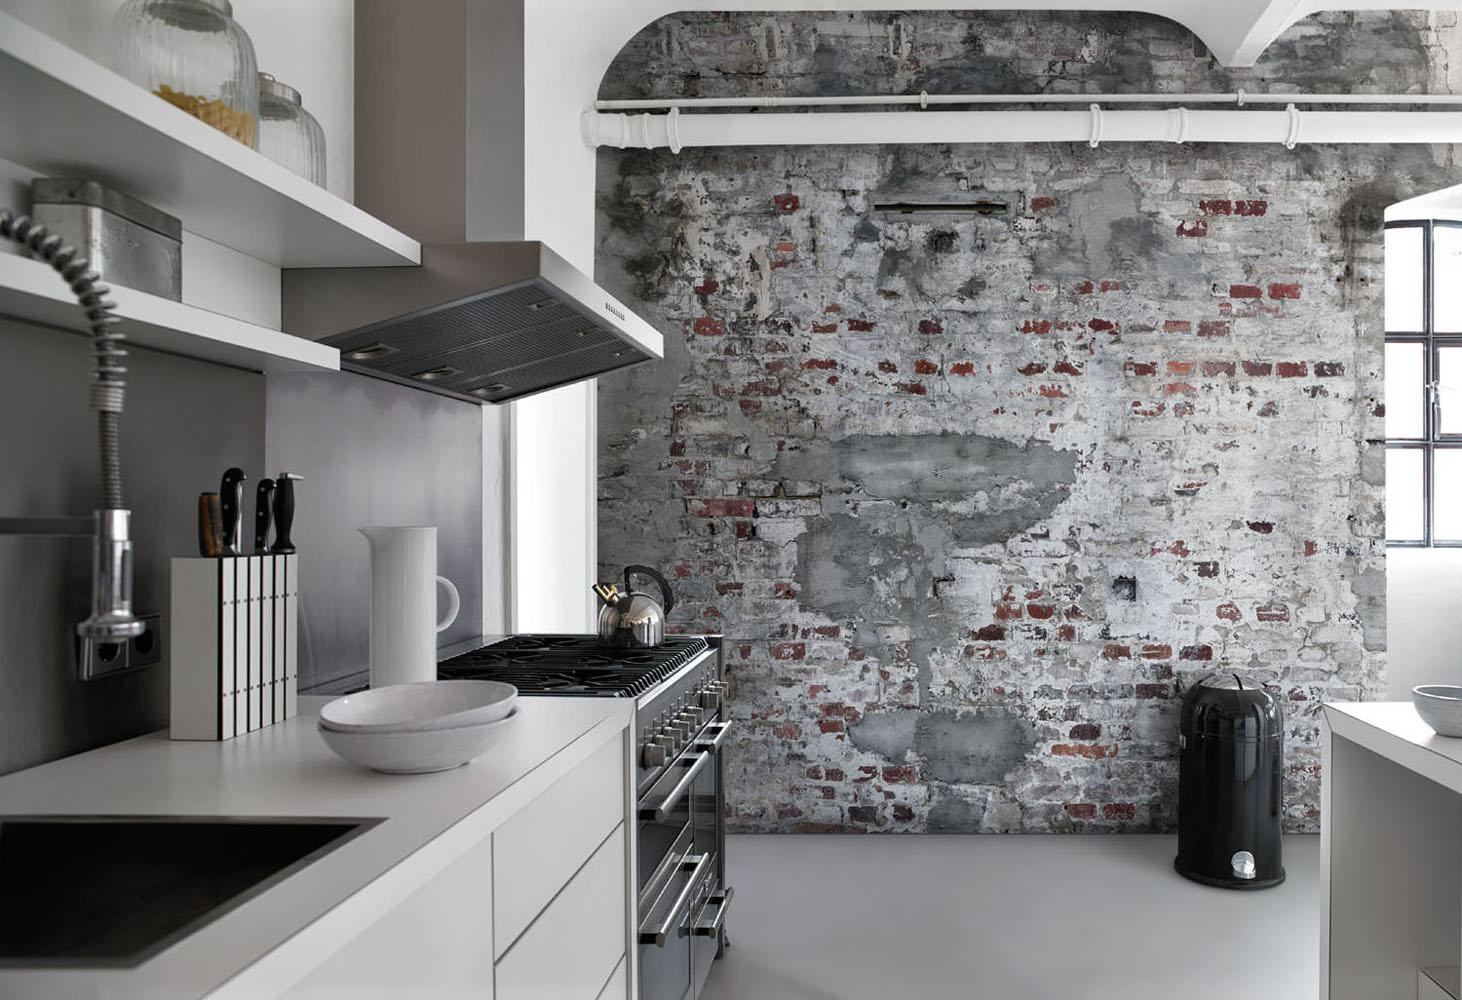 Full Size of Küchen Tapeten Abwaschbar Schlafzimmer Regal Für Küche Wohnzimmer Ideen Die Fototapeten Wohnzimmer Küchen Tapeten Abwaschbar